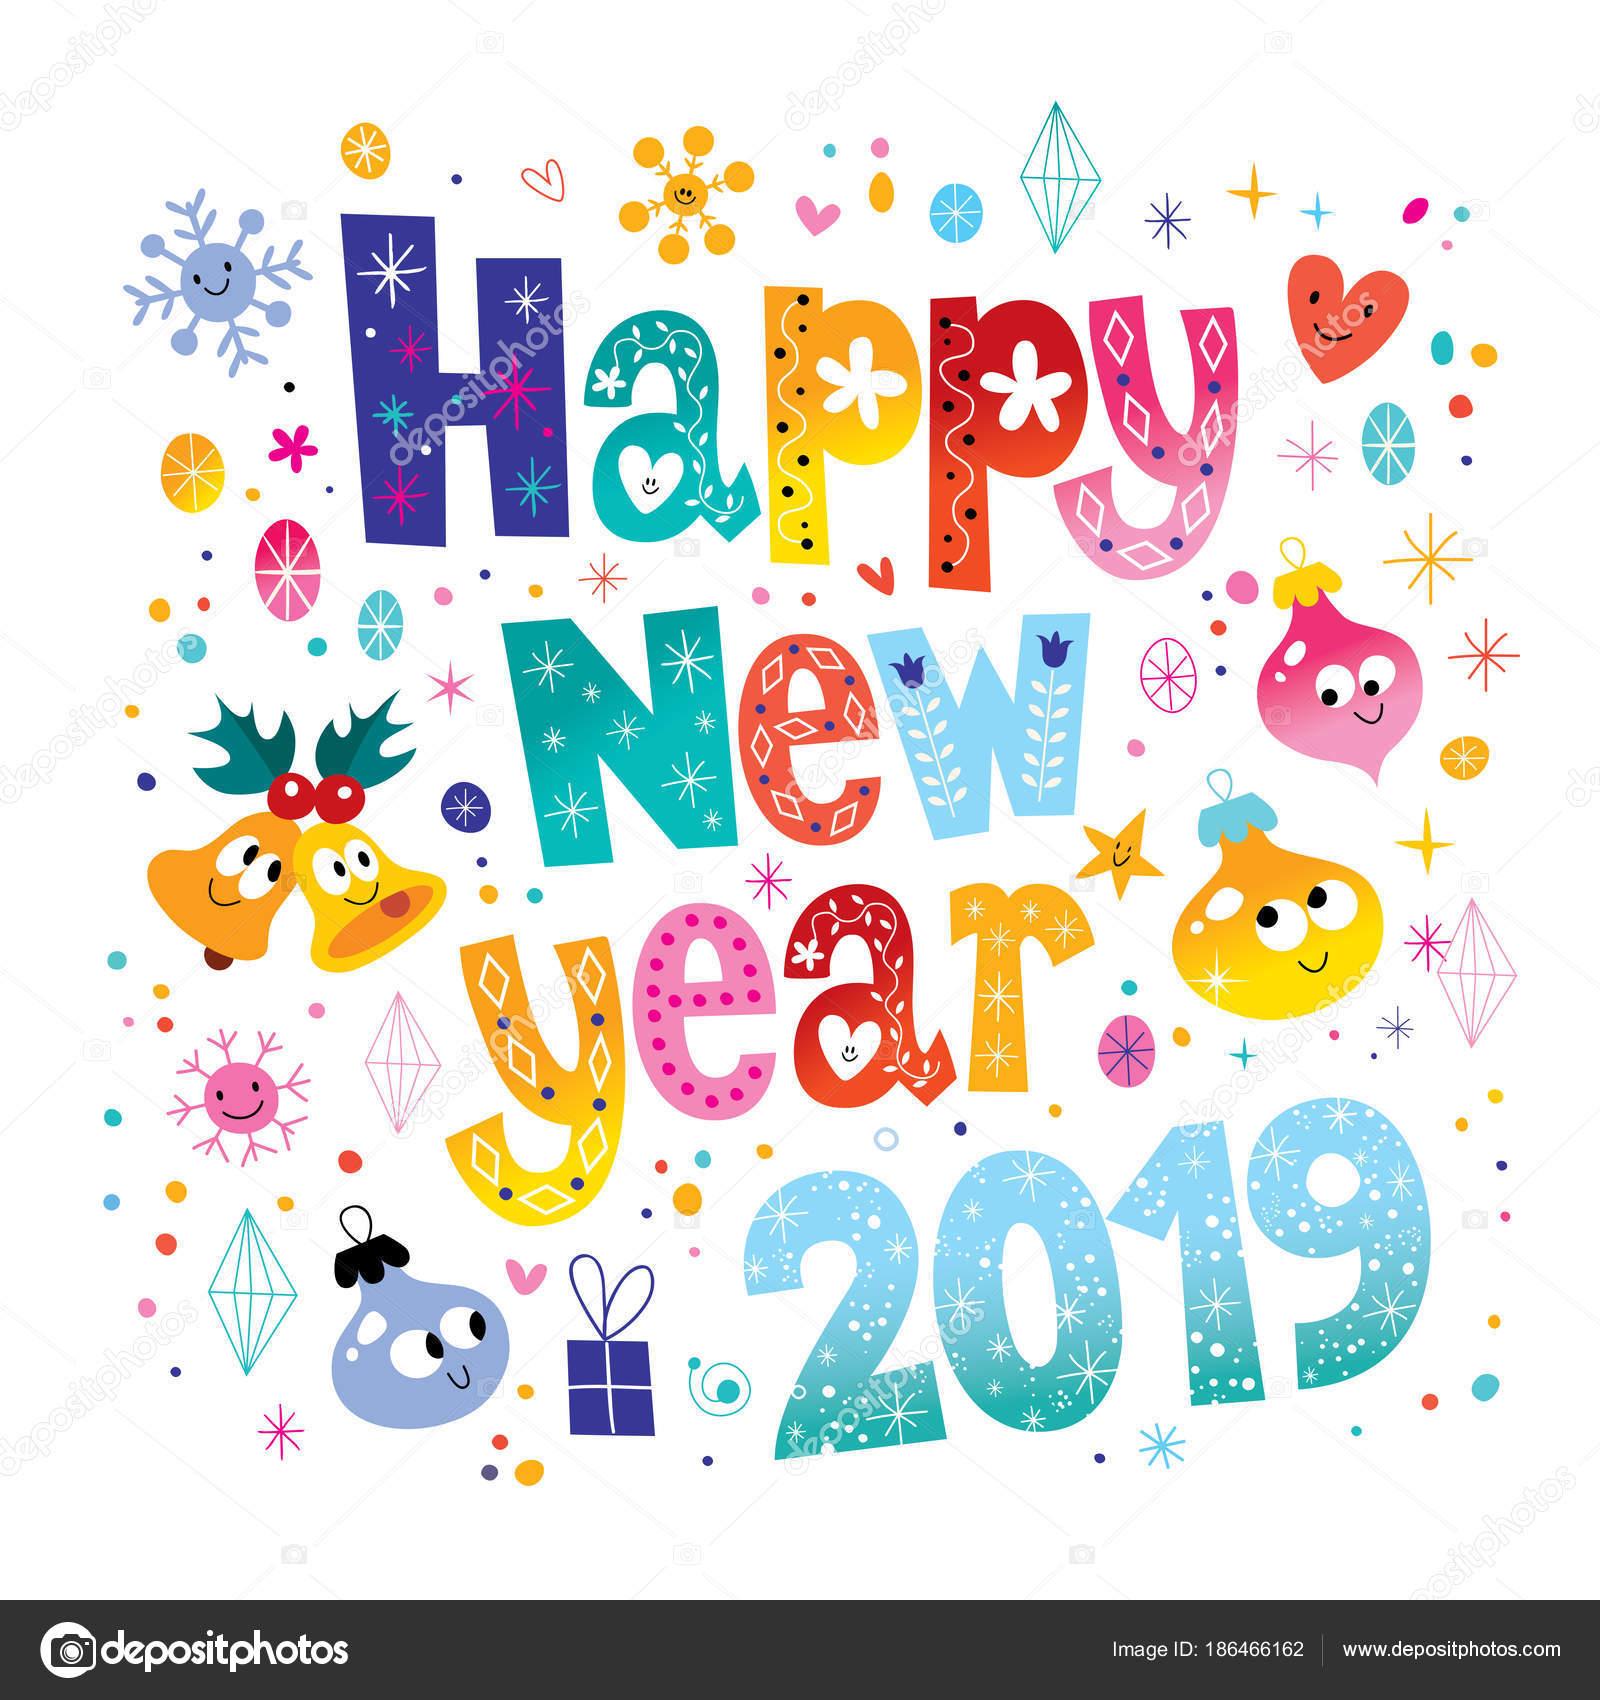 Las Mejores Imágenes Cristiana De Año Nuevo 2019 Gratis